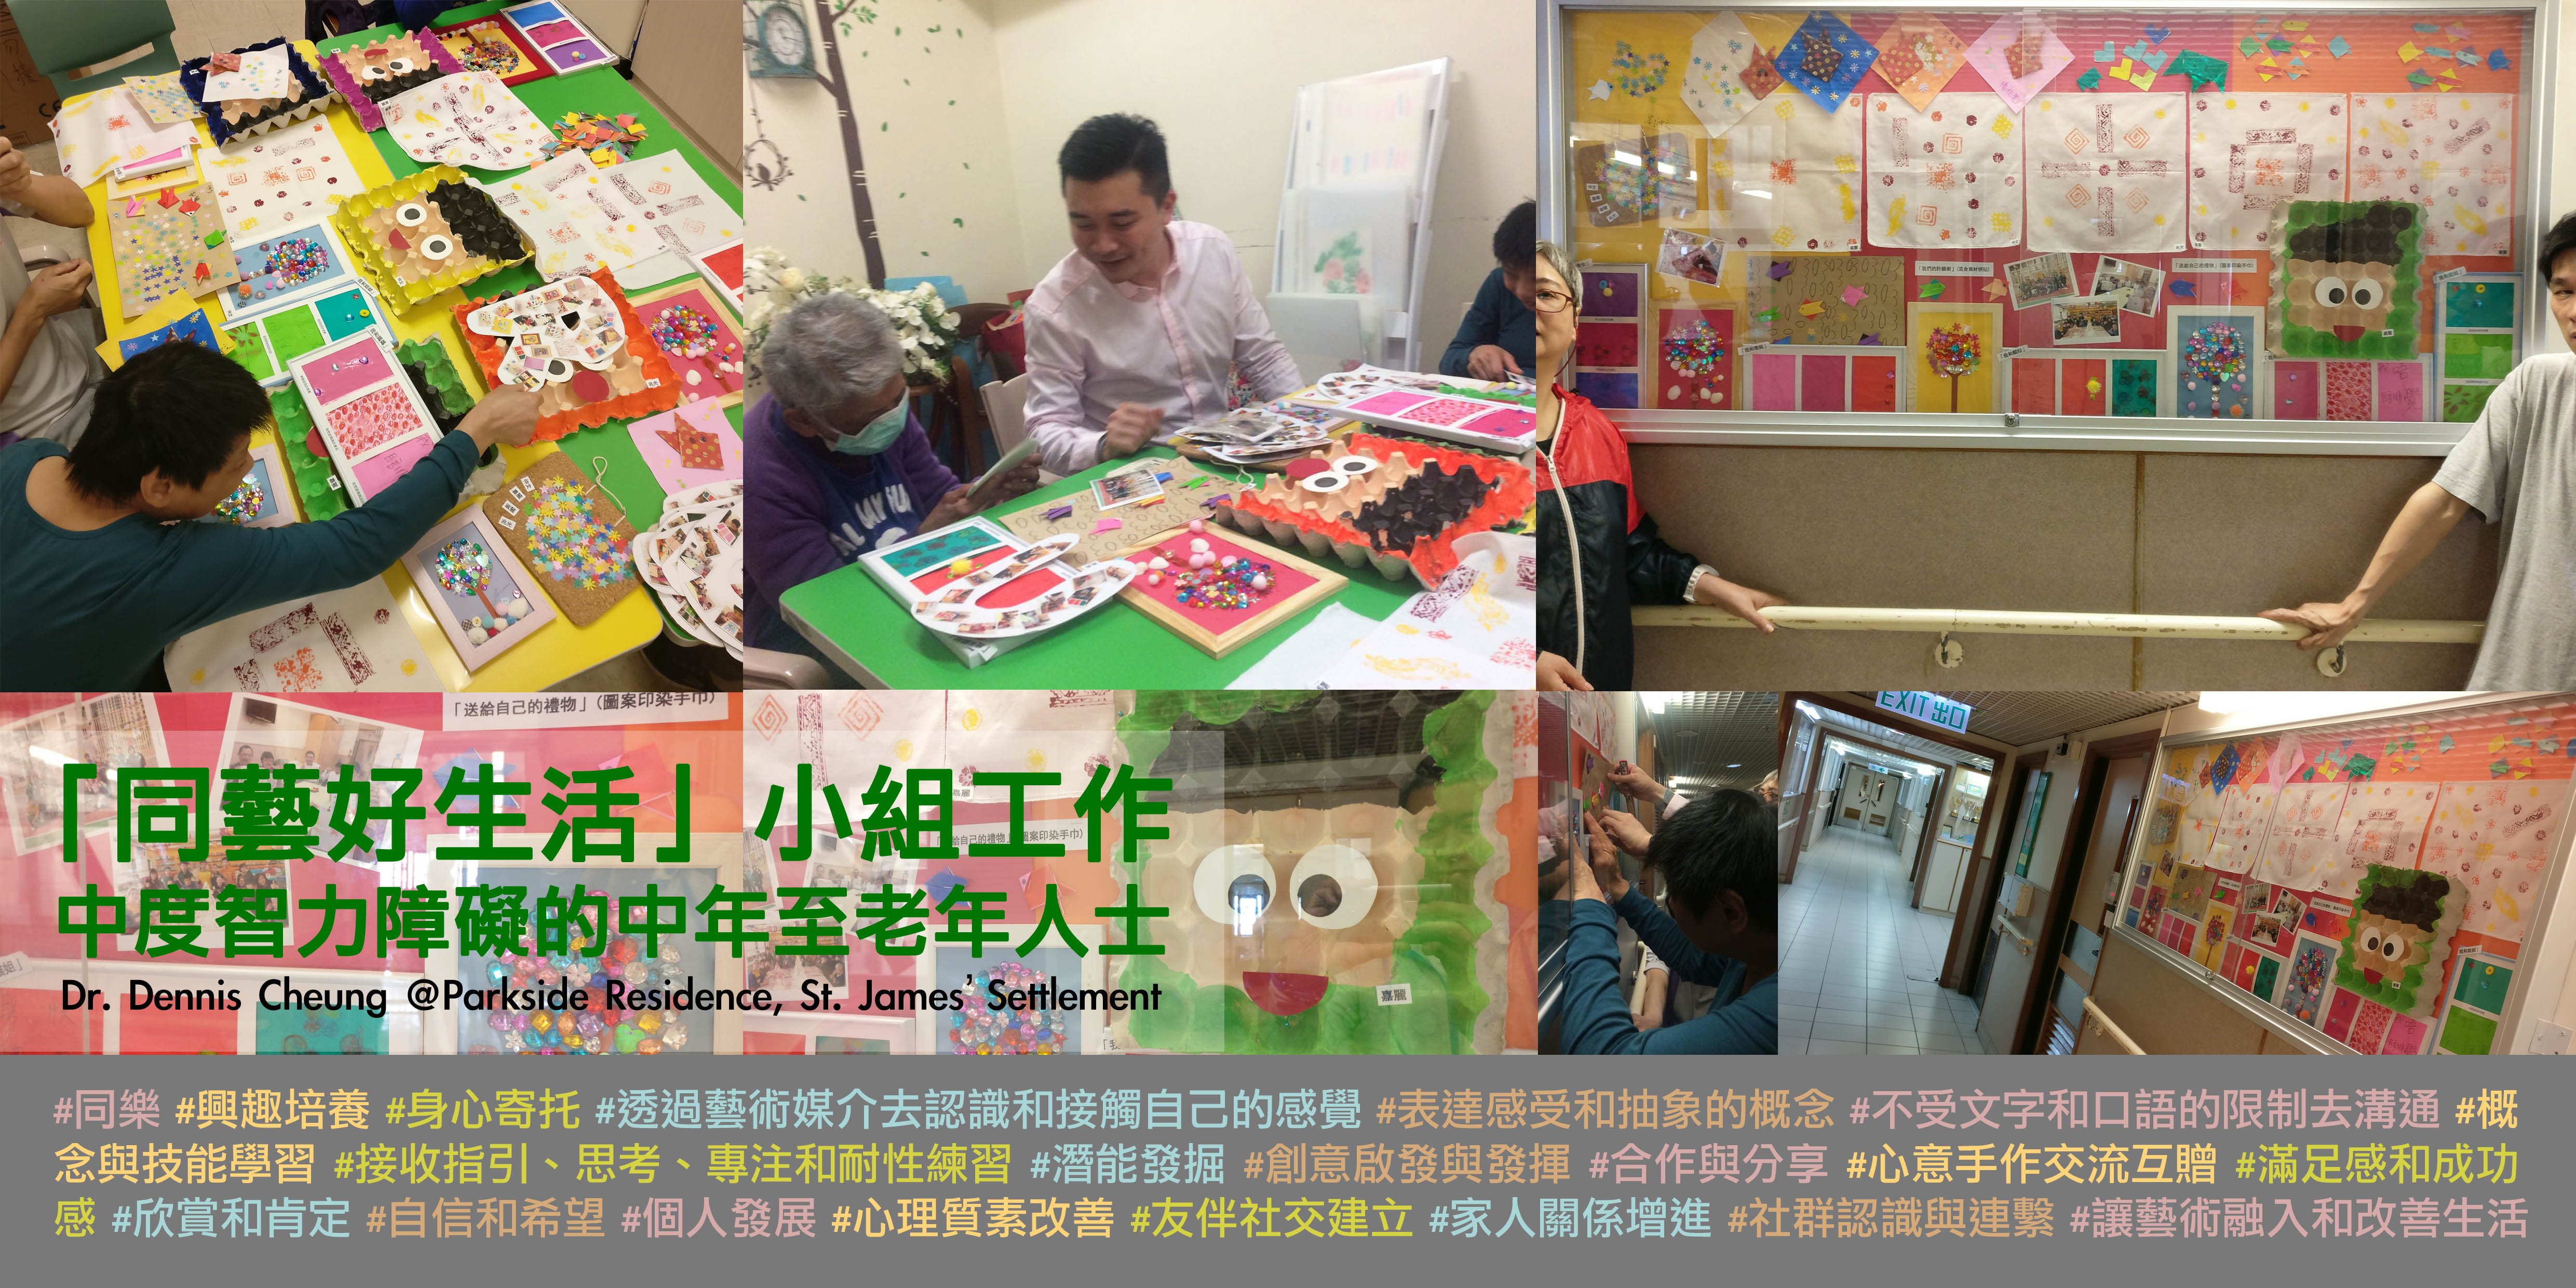 #社區藝術 #校園藝術 #體驗學習 #社群發展 #社區營造